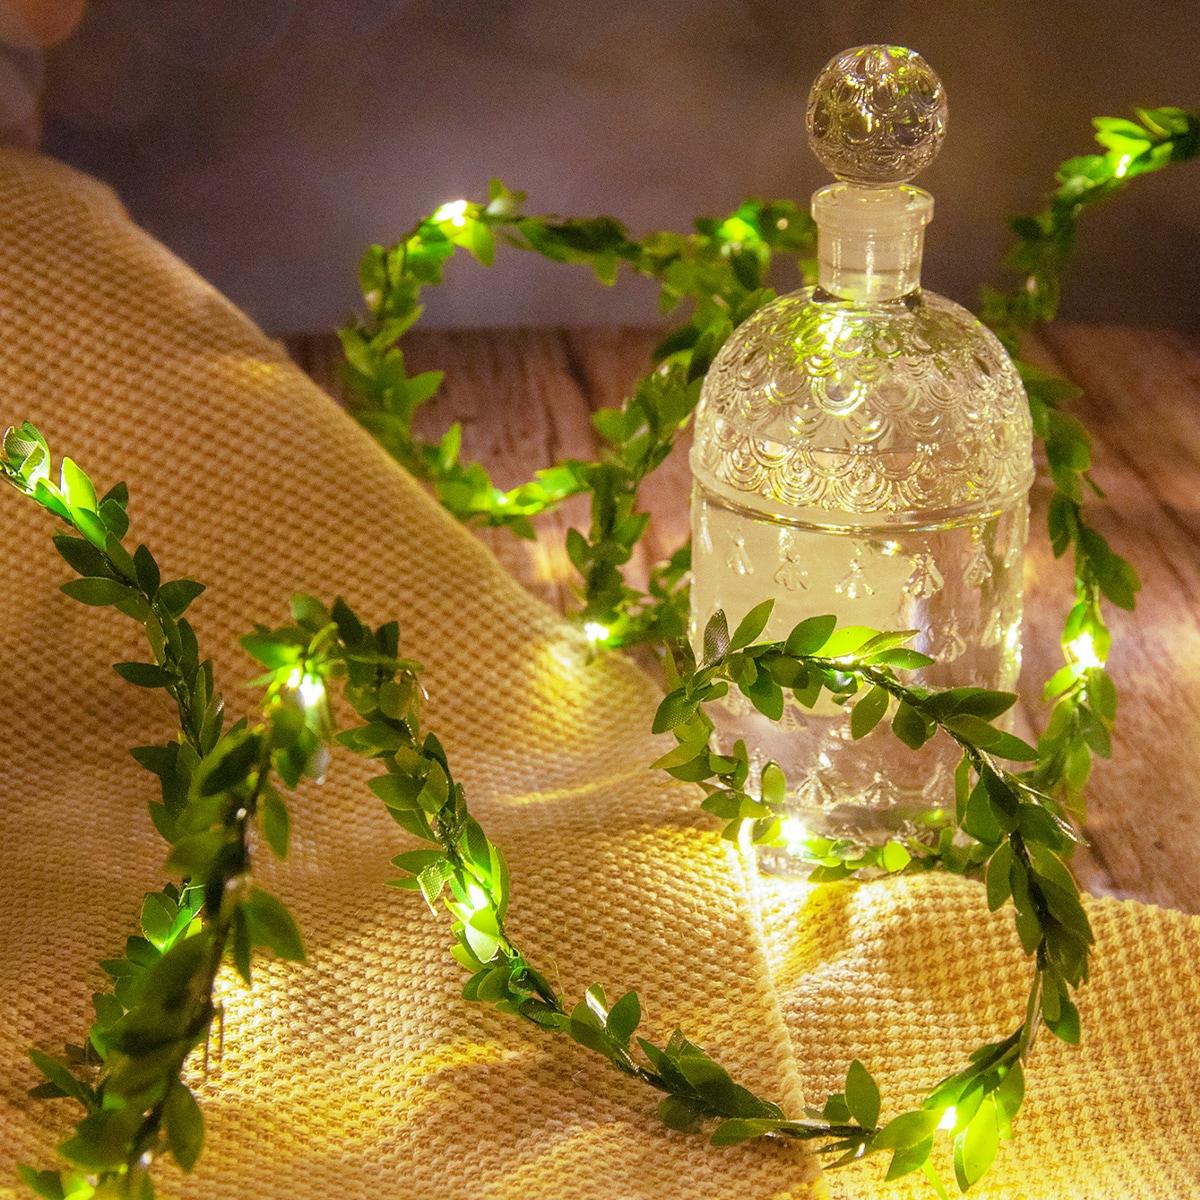 SHEIN / 1 Stück Künstliche Rebe Lichterkette mit 50 Stücken Glühbirnen